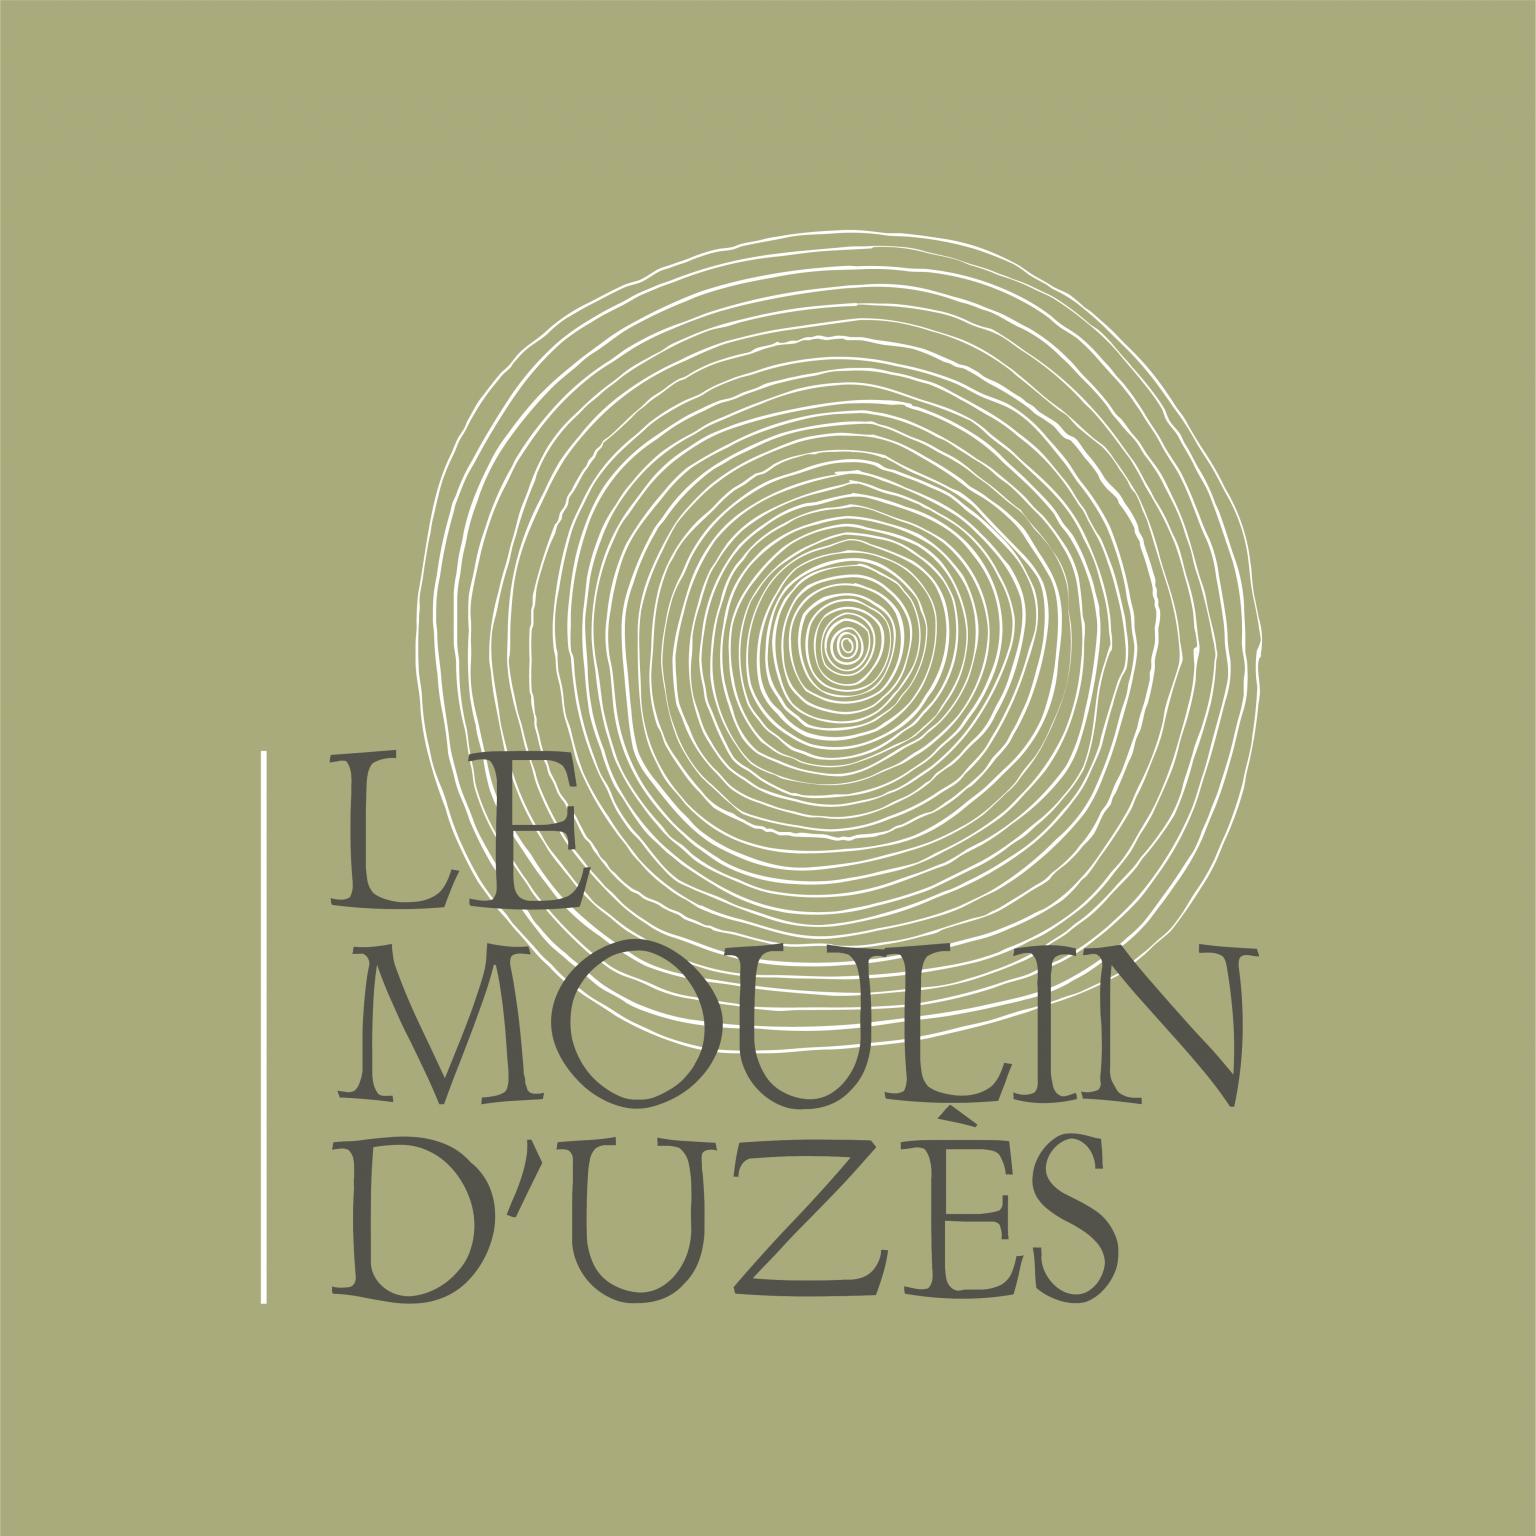 Le Moulin d'Uzes